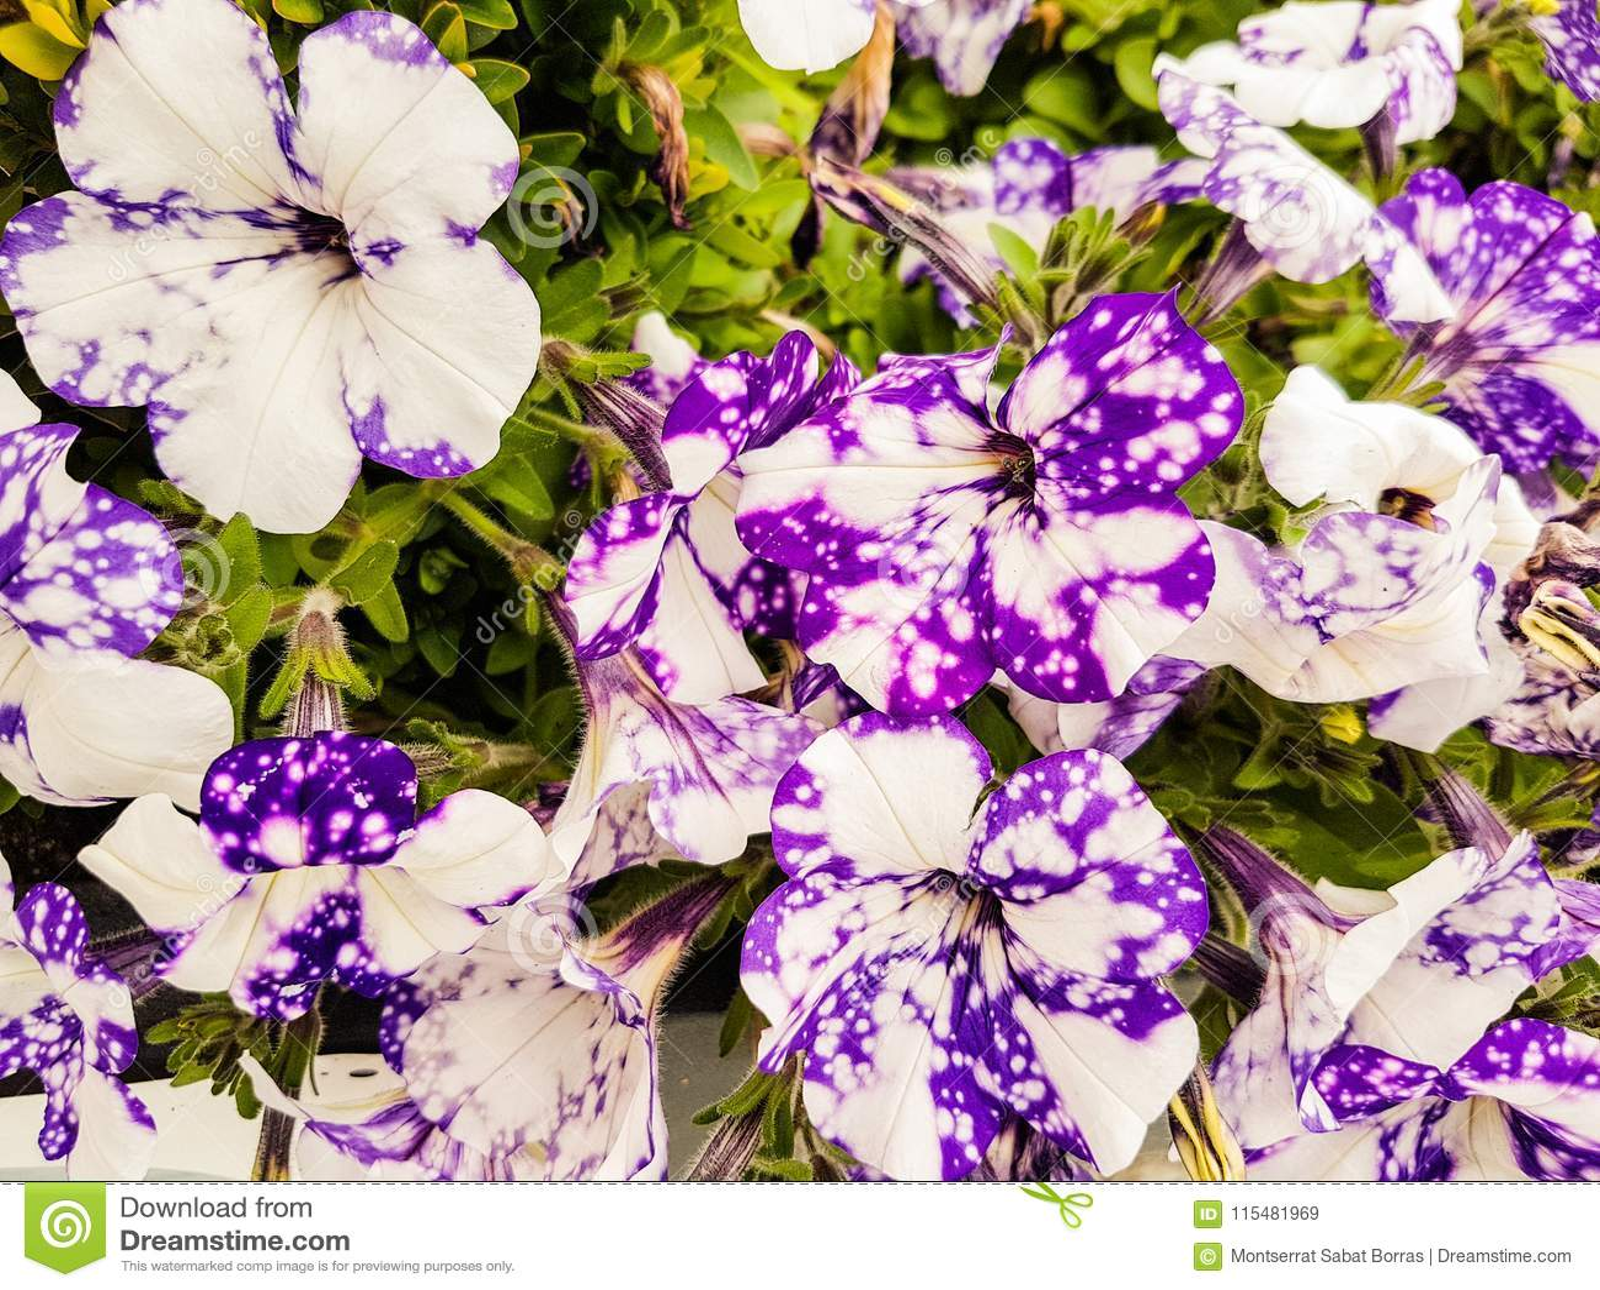 Fiori Bianchi Viola.Fiori Bianchi E Viola Della Petunia Immagine Stock Immagine Di